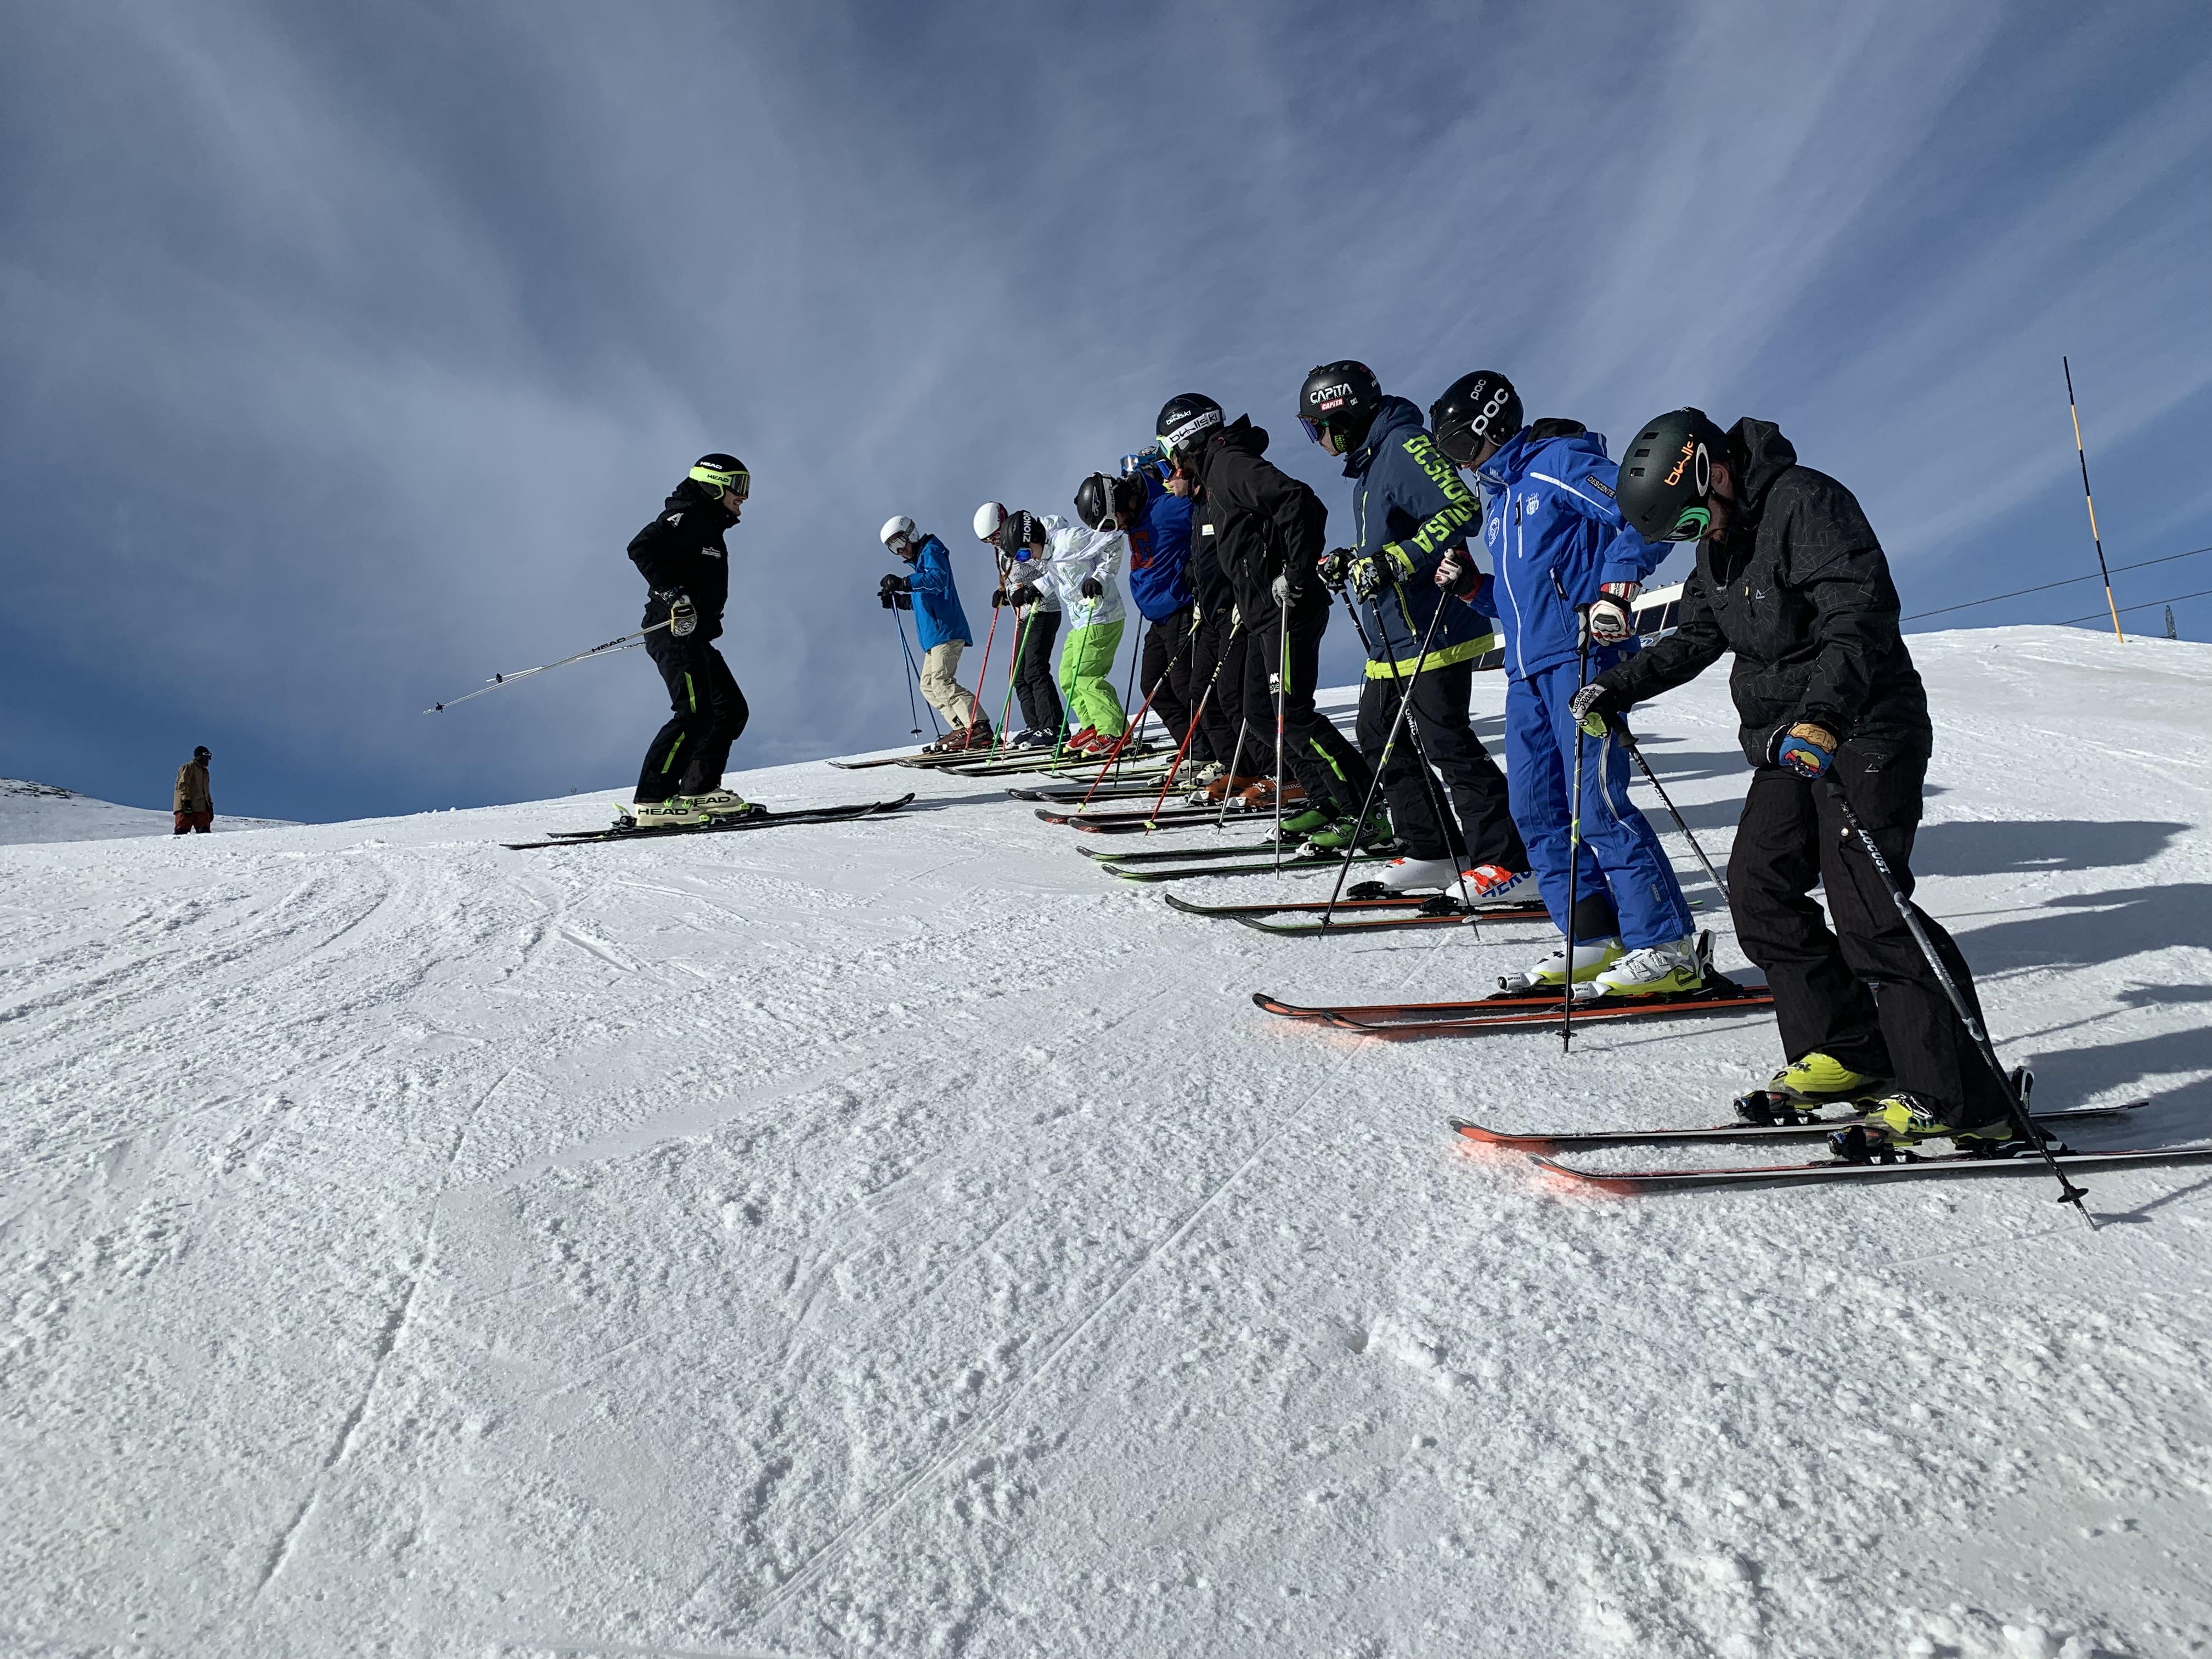 ¡Apúntate ya en el centro de formación Aramón y fórmate como monitor de esquí en diciembre!